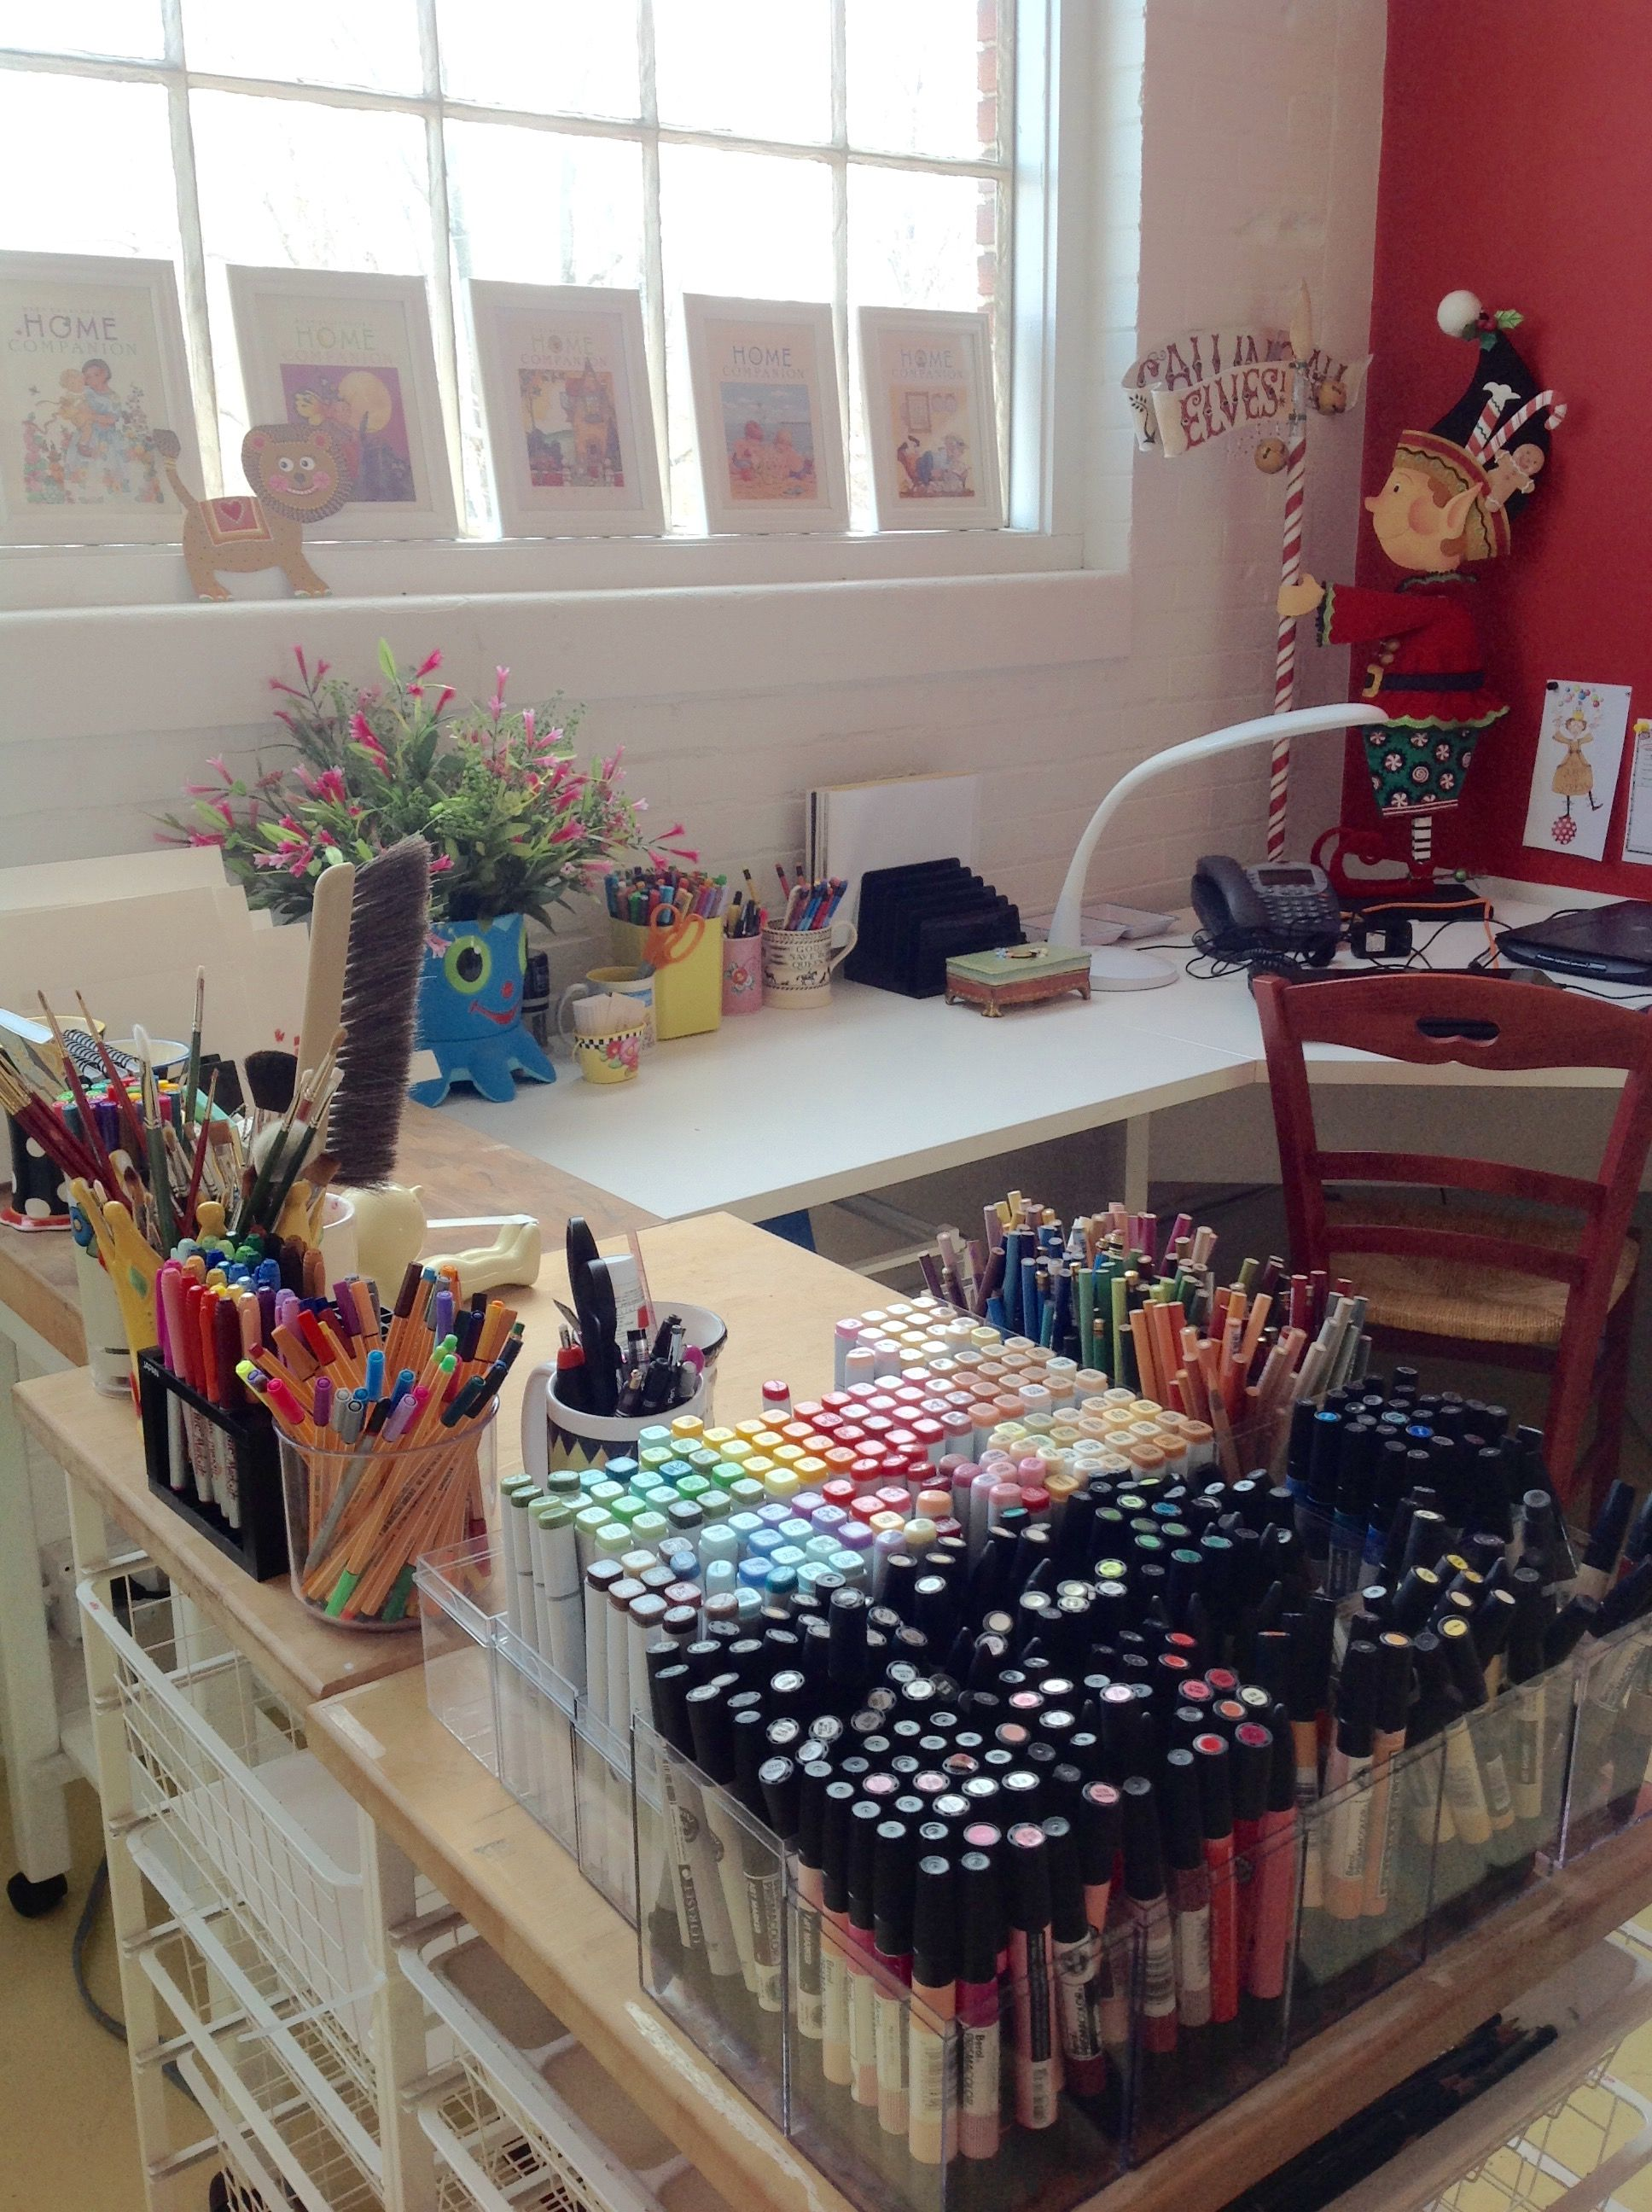 Office Space – Mary Engelbreit Studios